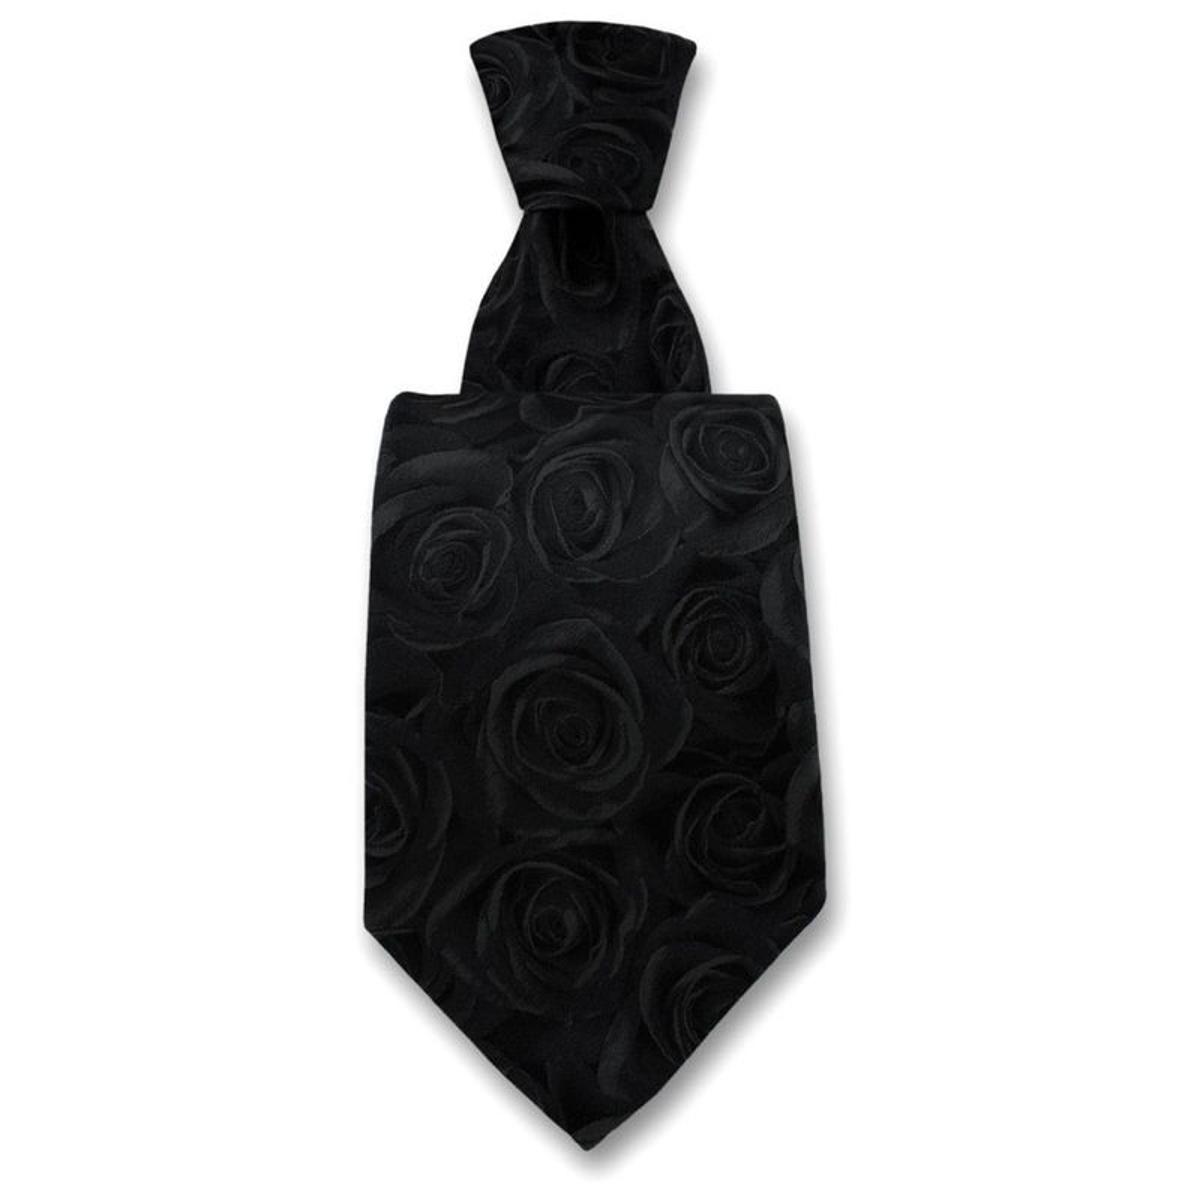 Cravate fleur de rosier. Soie Fantaisie